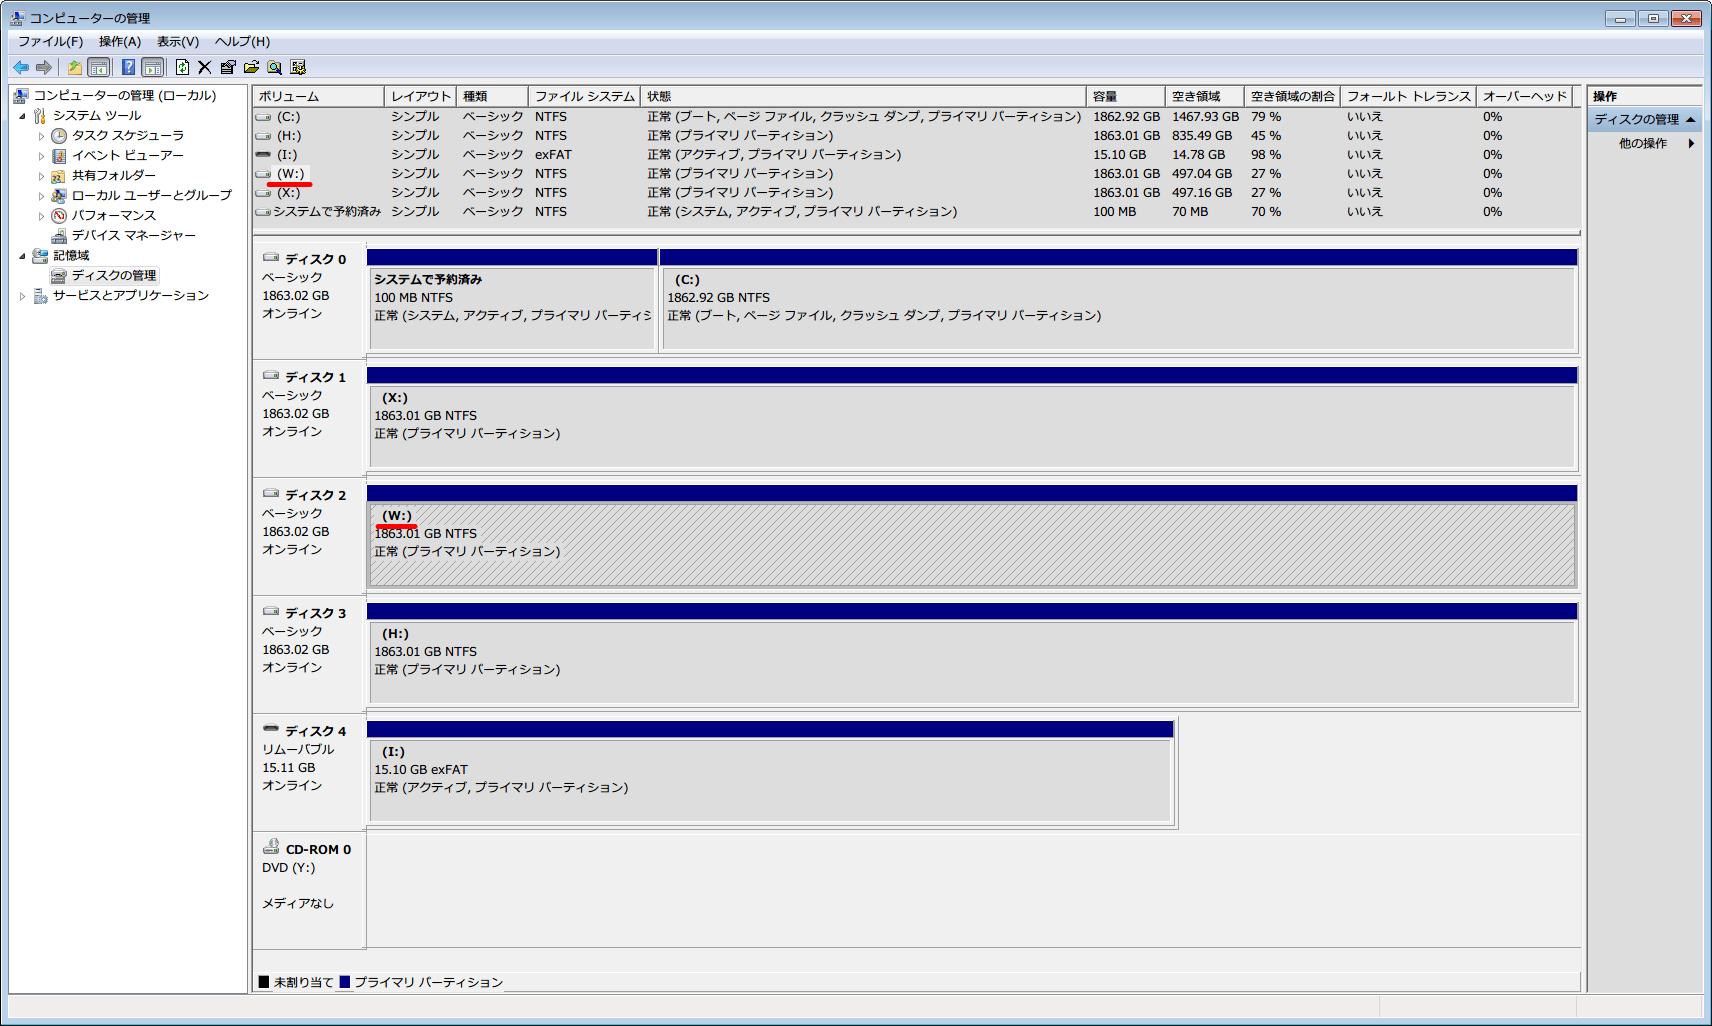 Windows 7 ディスクの管理画面 - ドライブ文字とパスの変更(C)... - 旧HDD ドライブレター変更後の確認